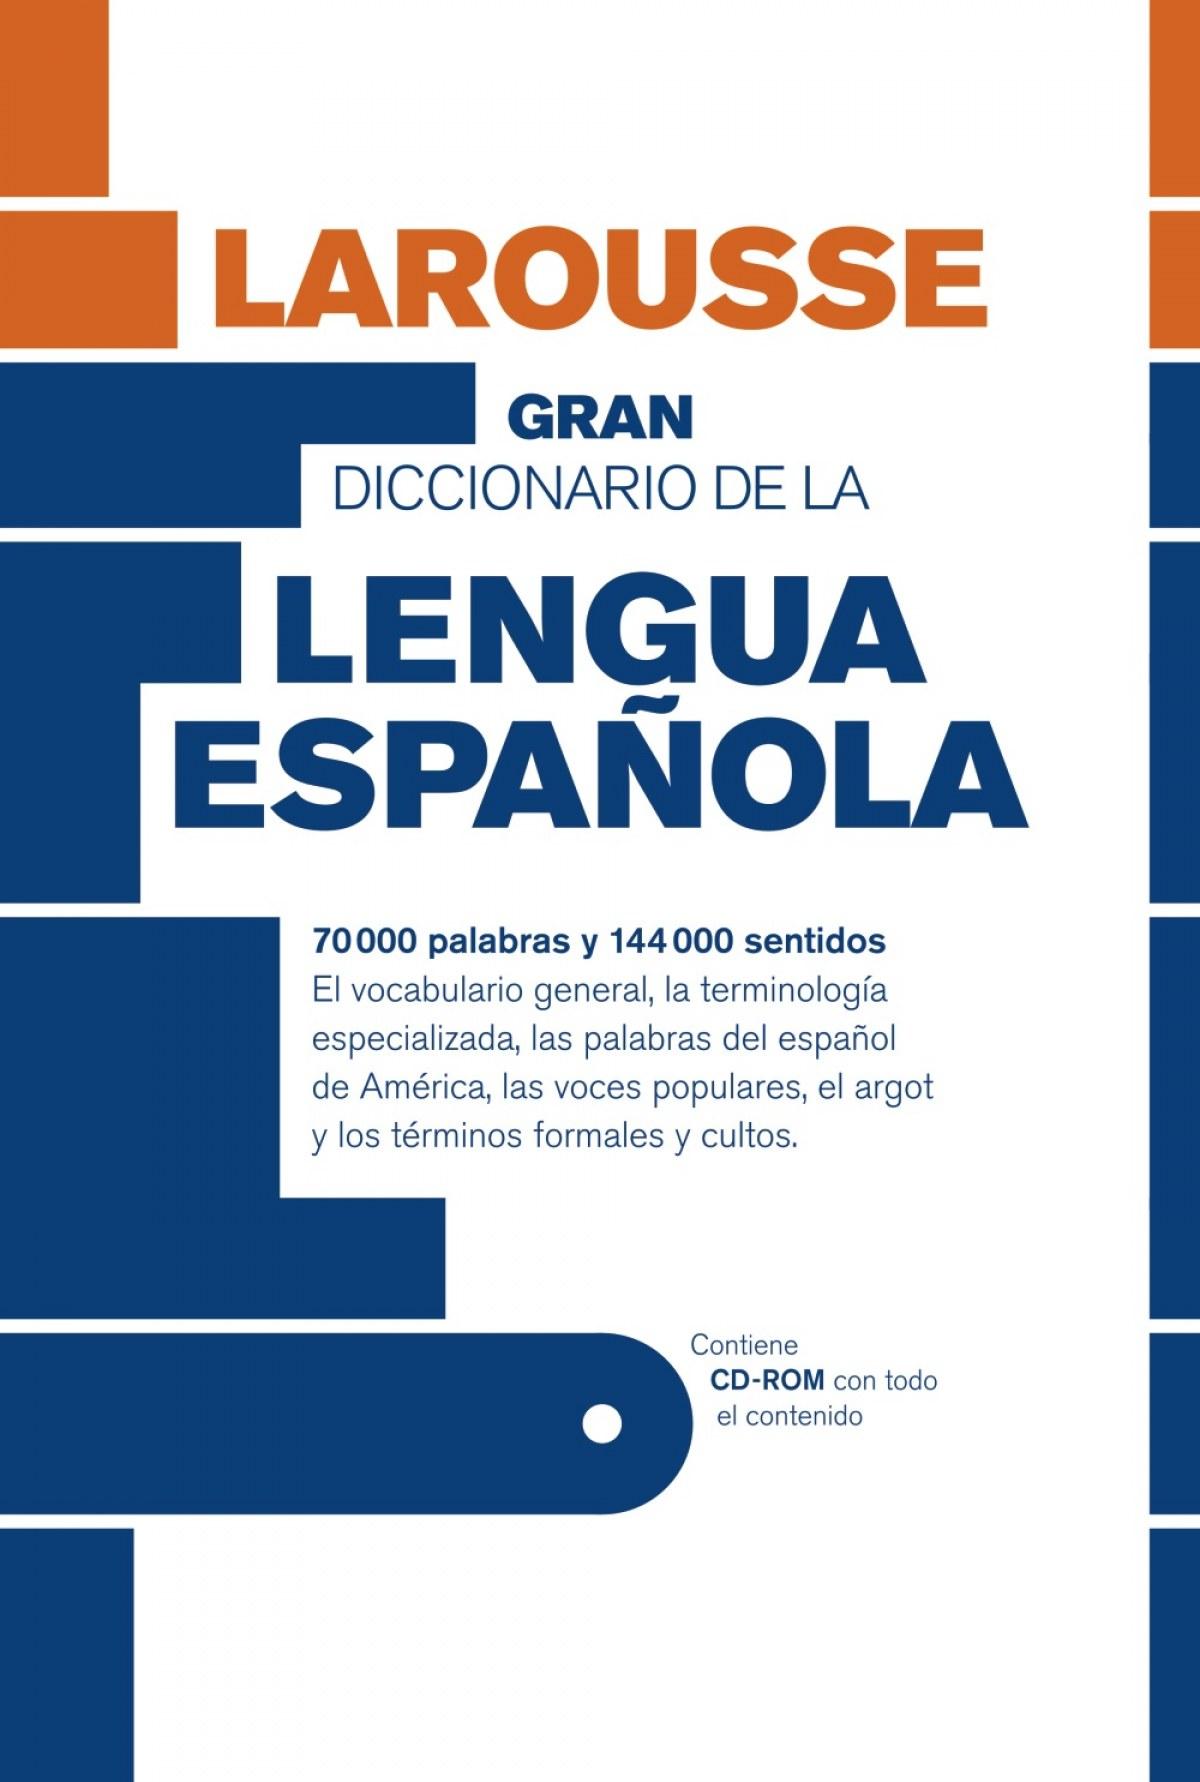 Gran Diccionario de la Lengua Española 9788415411253